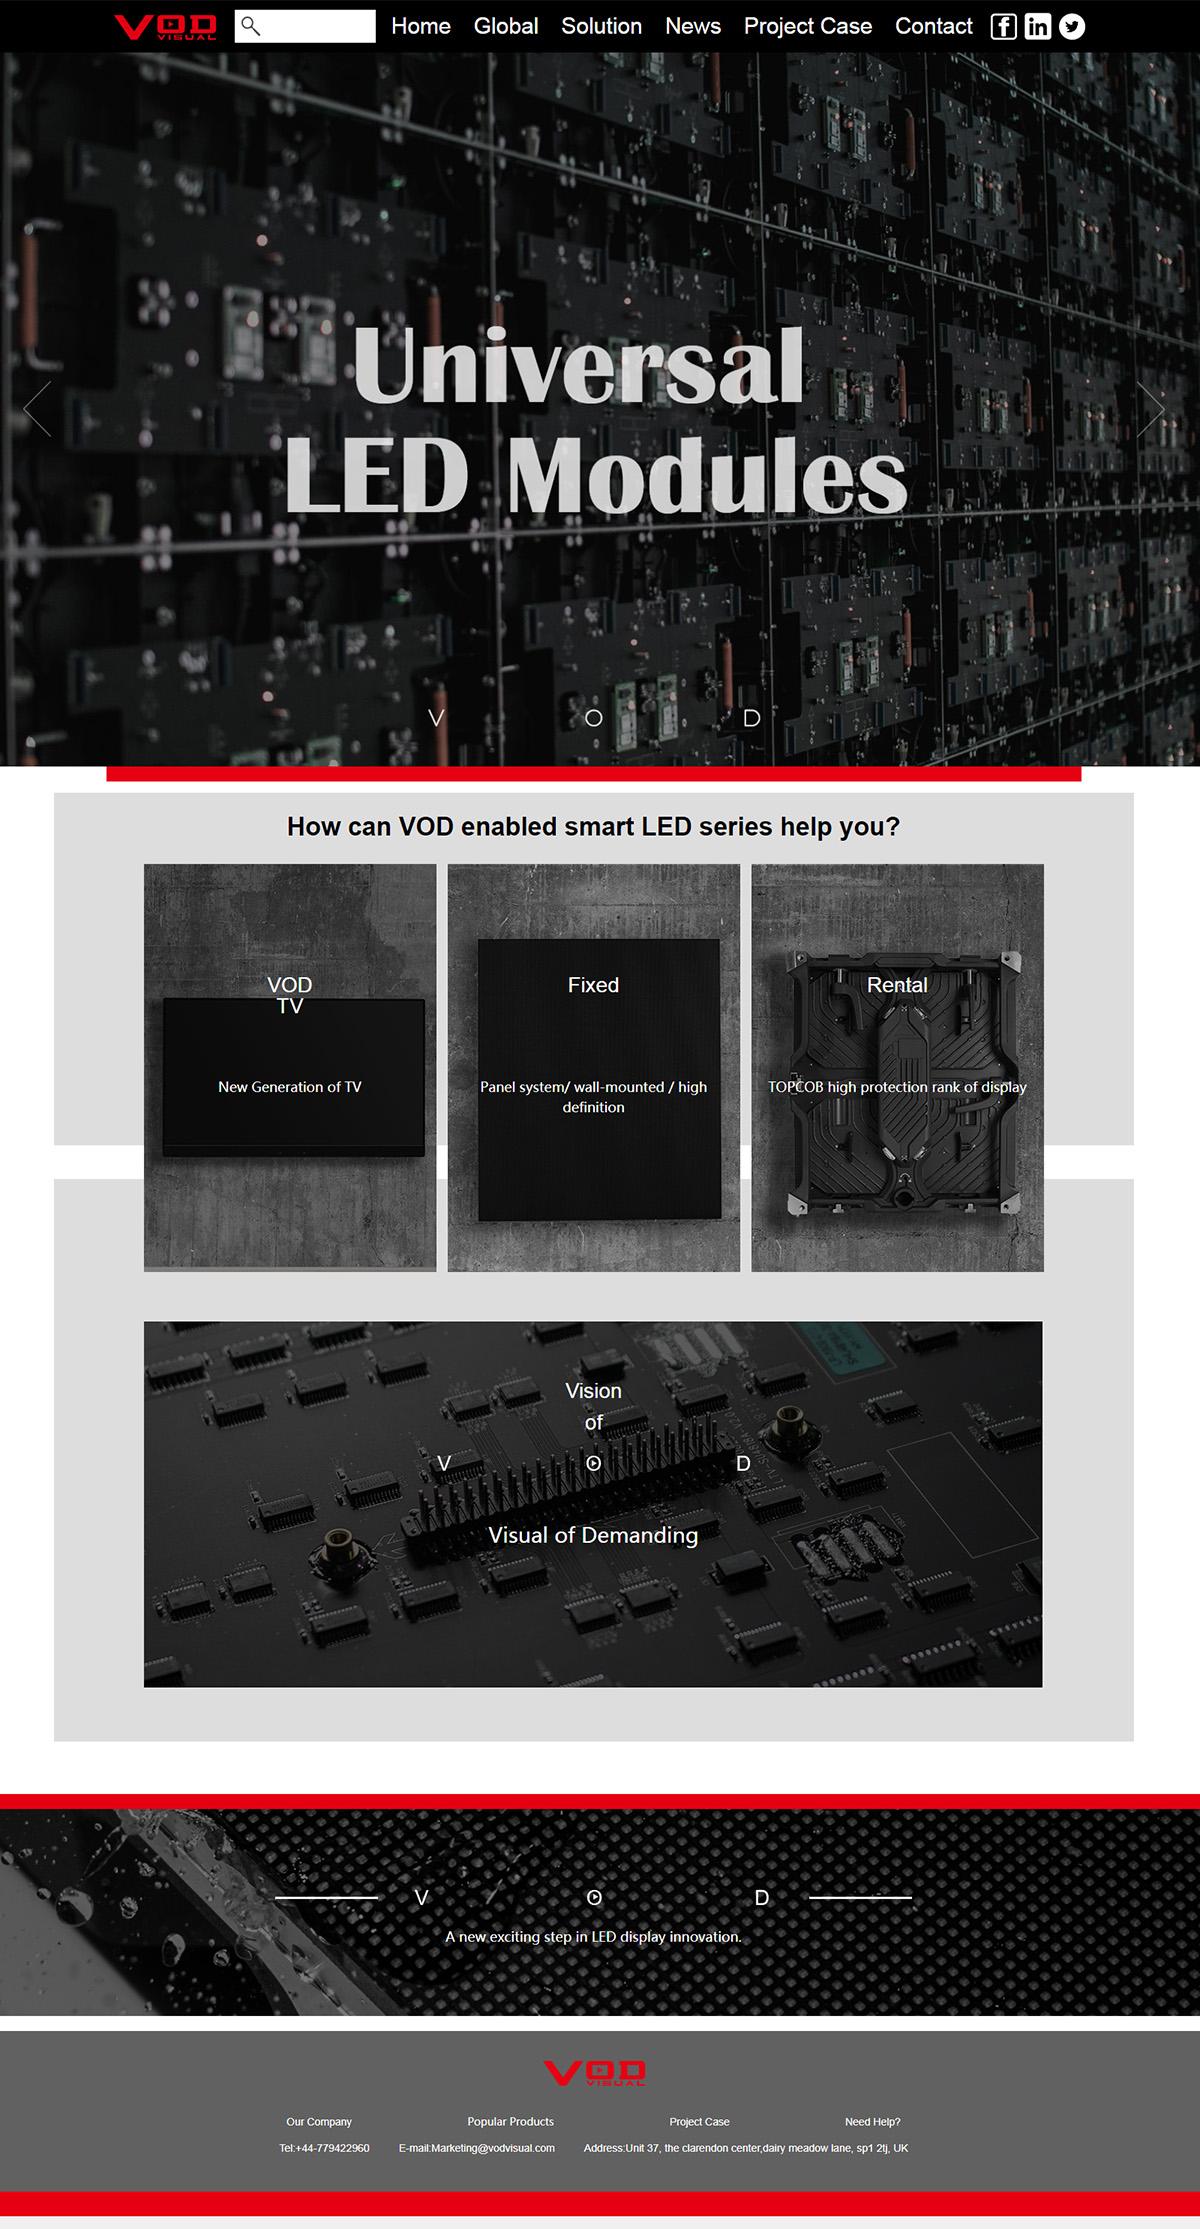 沃顿科技网站案例